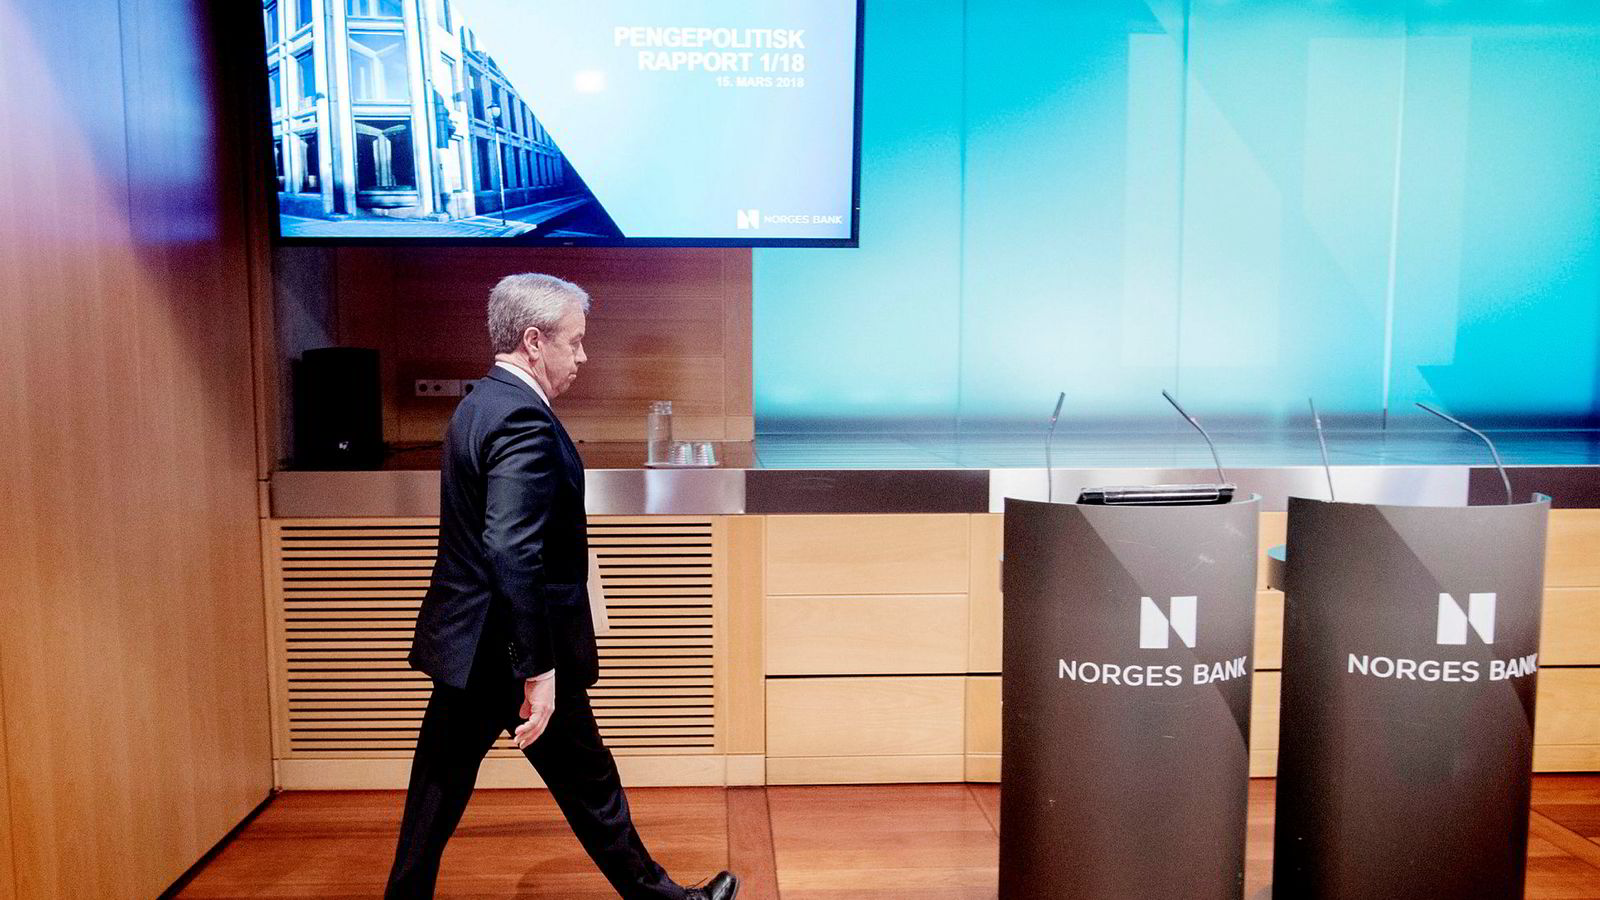 Partene i arbeidslivet har vist moderasjon de siste årene, og Norges Bank har vist stor fleksibilitet i tolkingene av mandatet sitt. Her er sentralbanksjef Øystein Olsen på siste rentemøte 15. mars.